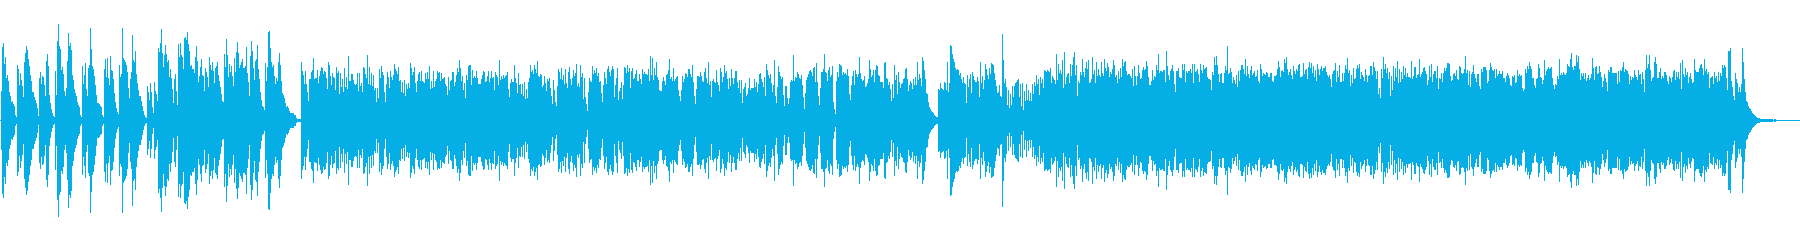 劇的な哀愁のチェンバロ バロック・高音質の再生済みの波形